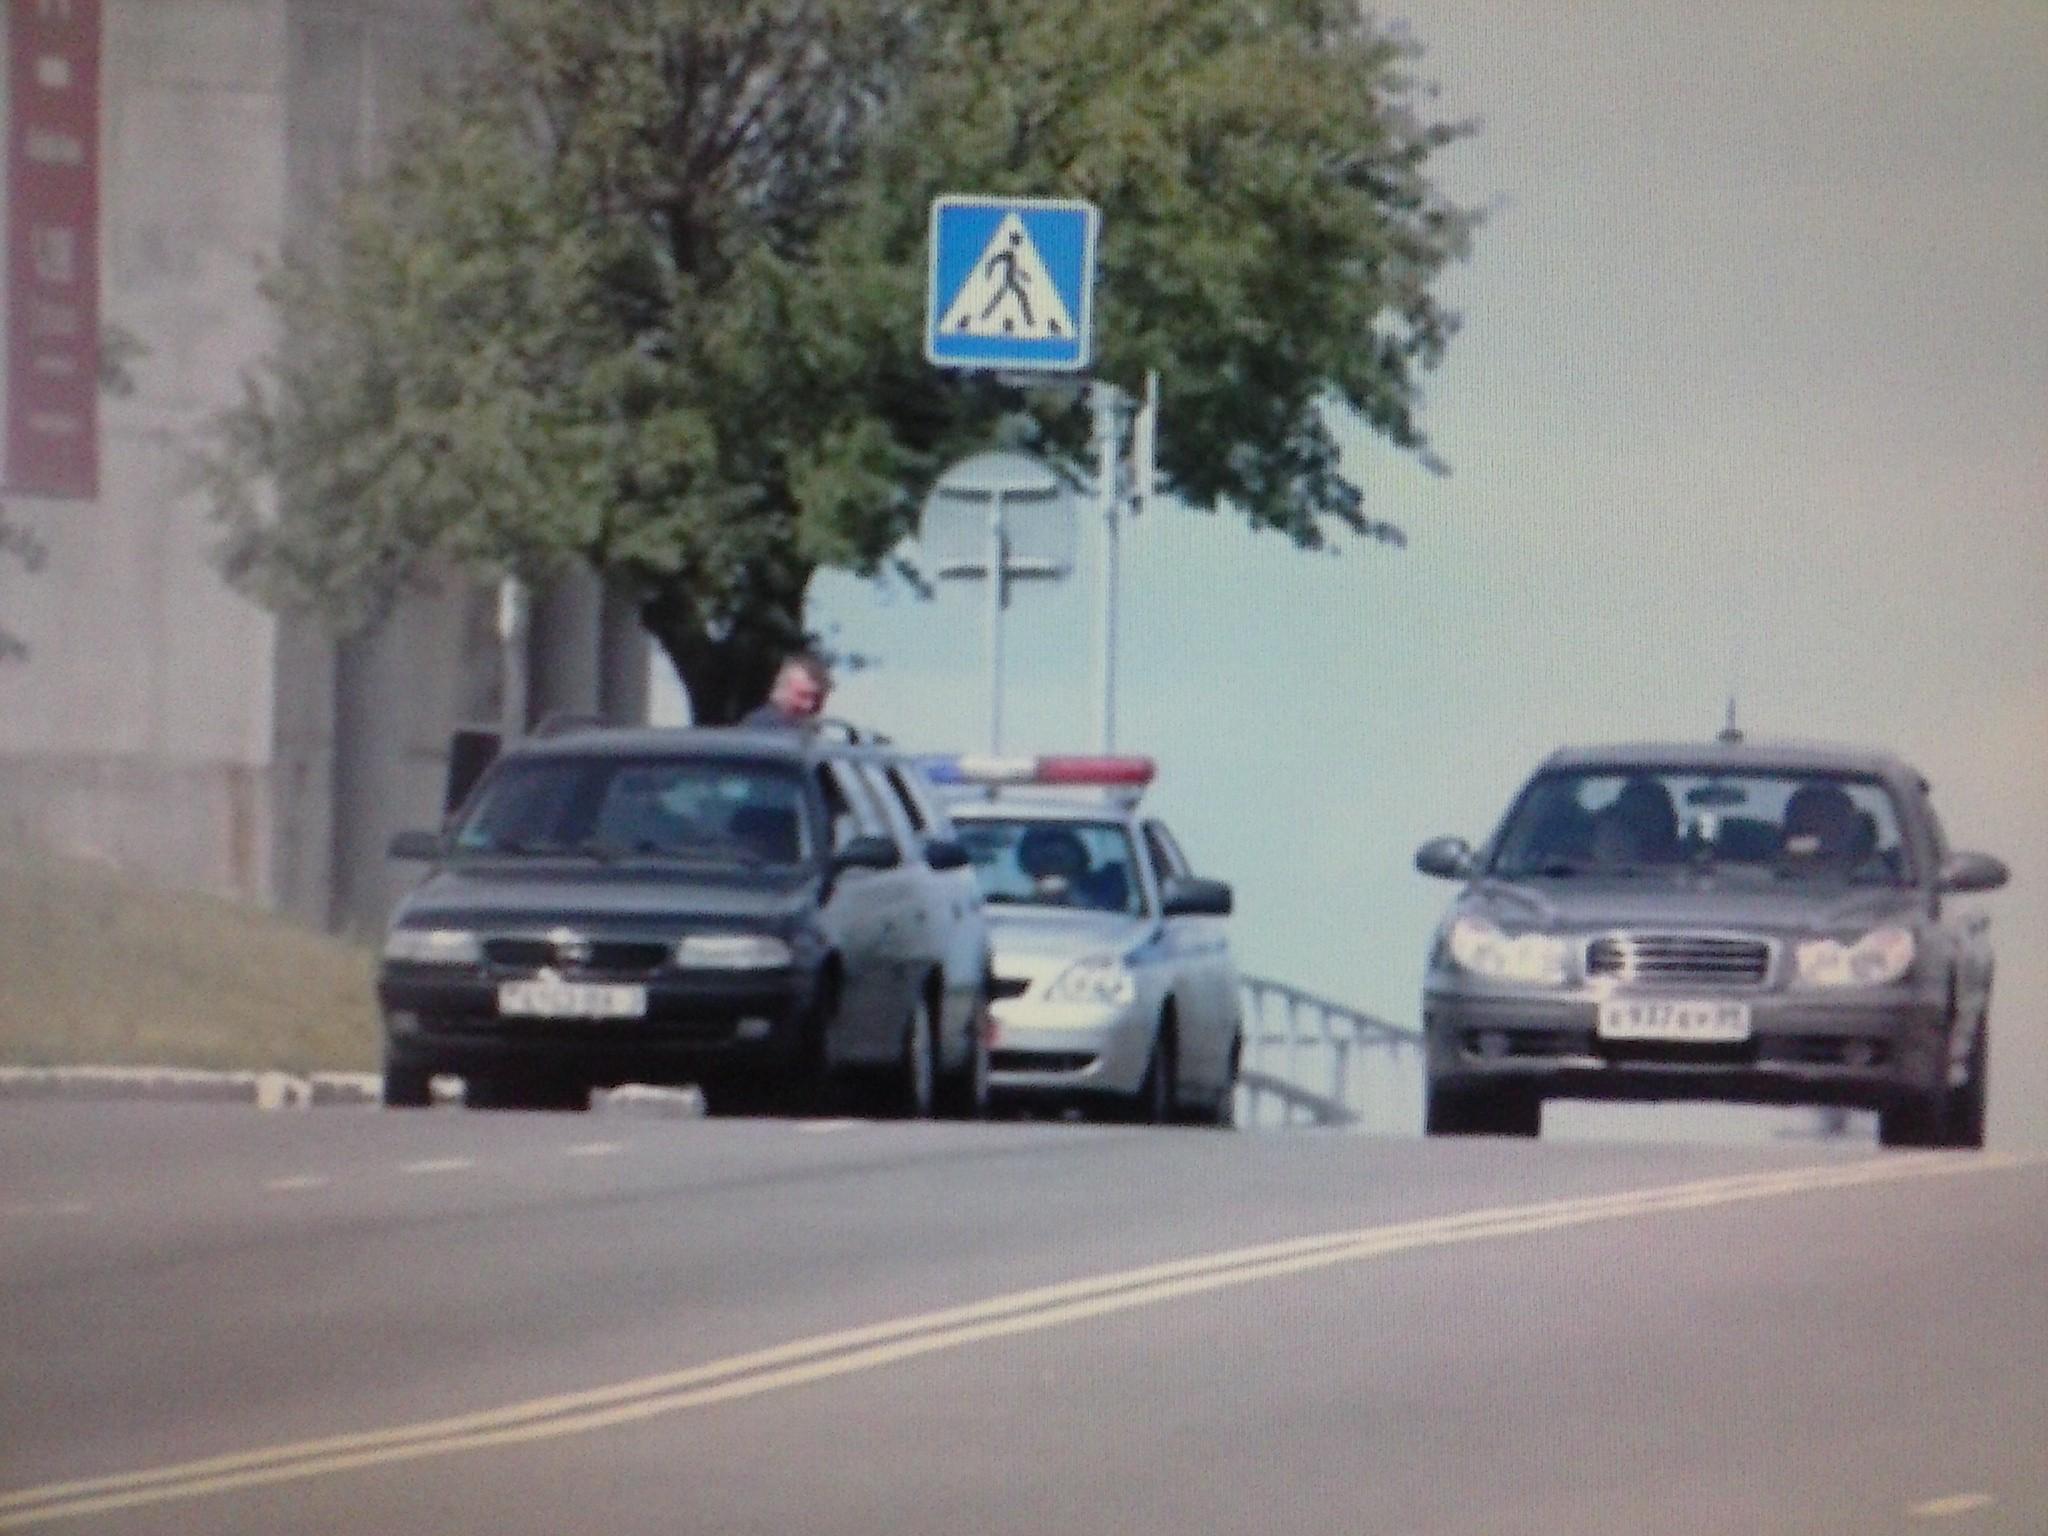 ГАИ и дорожный знак Пешеходный переход.